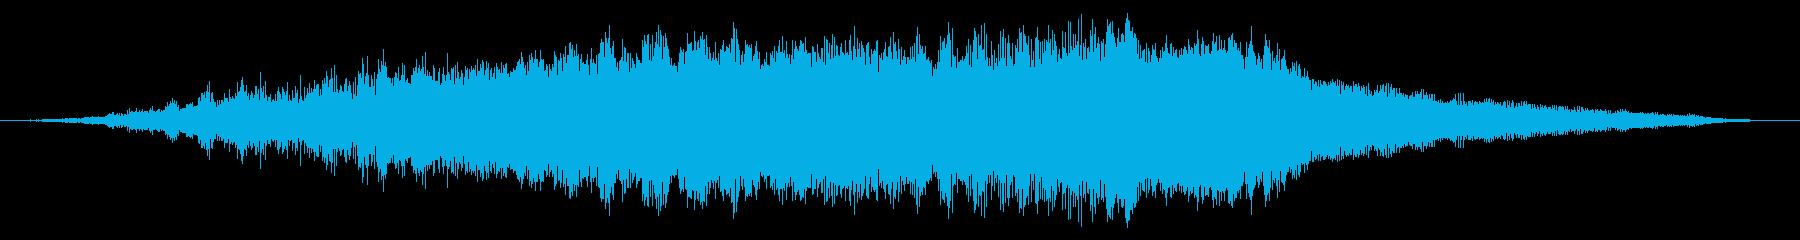 スペースメタリックシンセライザーの再生済みの波形